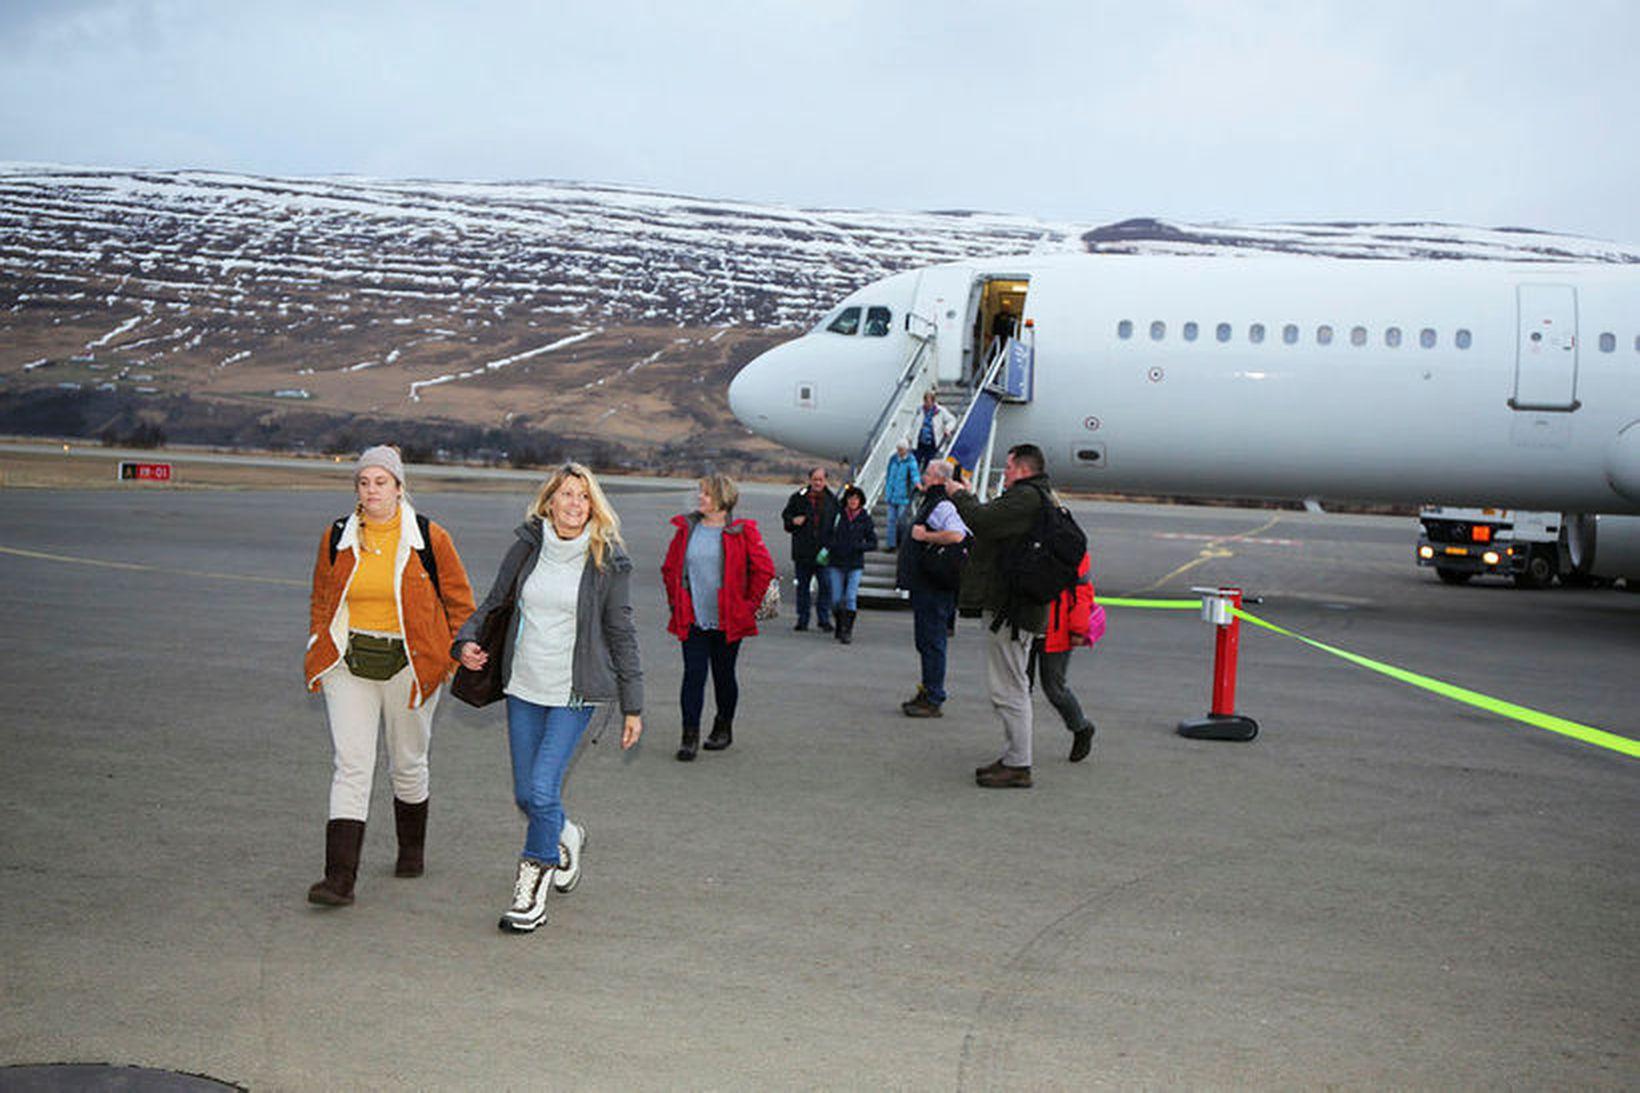 Bein flug á milli Bretlands og Akureyrar á vegum Super …